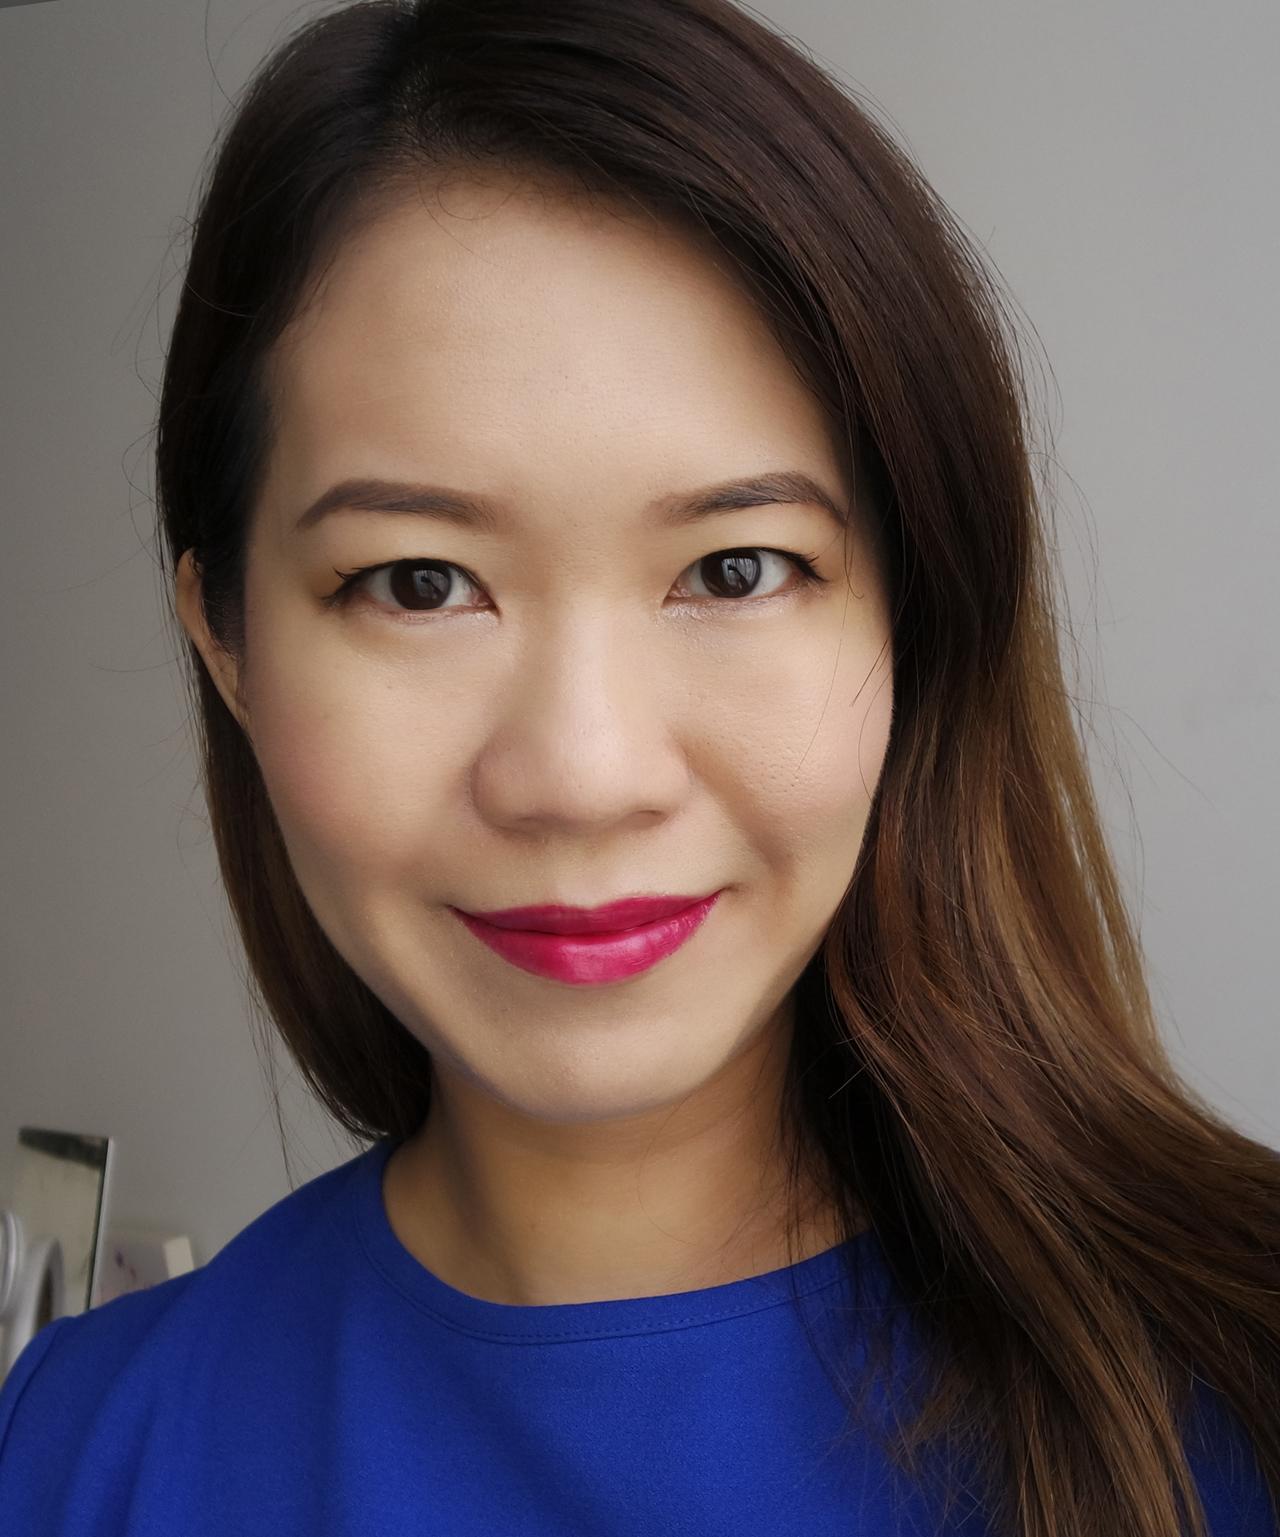 Chanel Le Rouge Crayon de Couleur Framboise makeup look